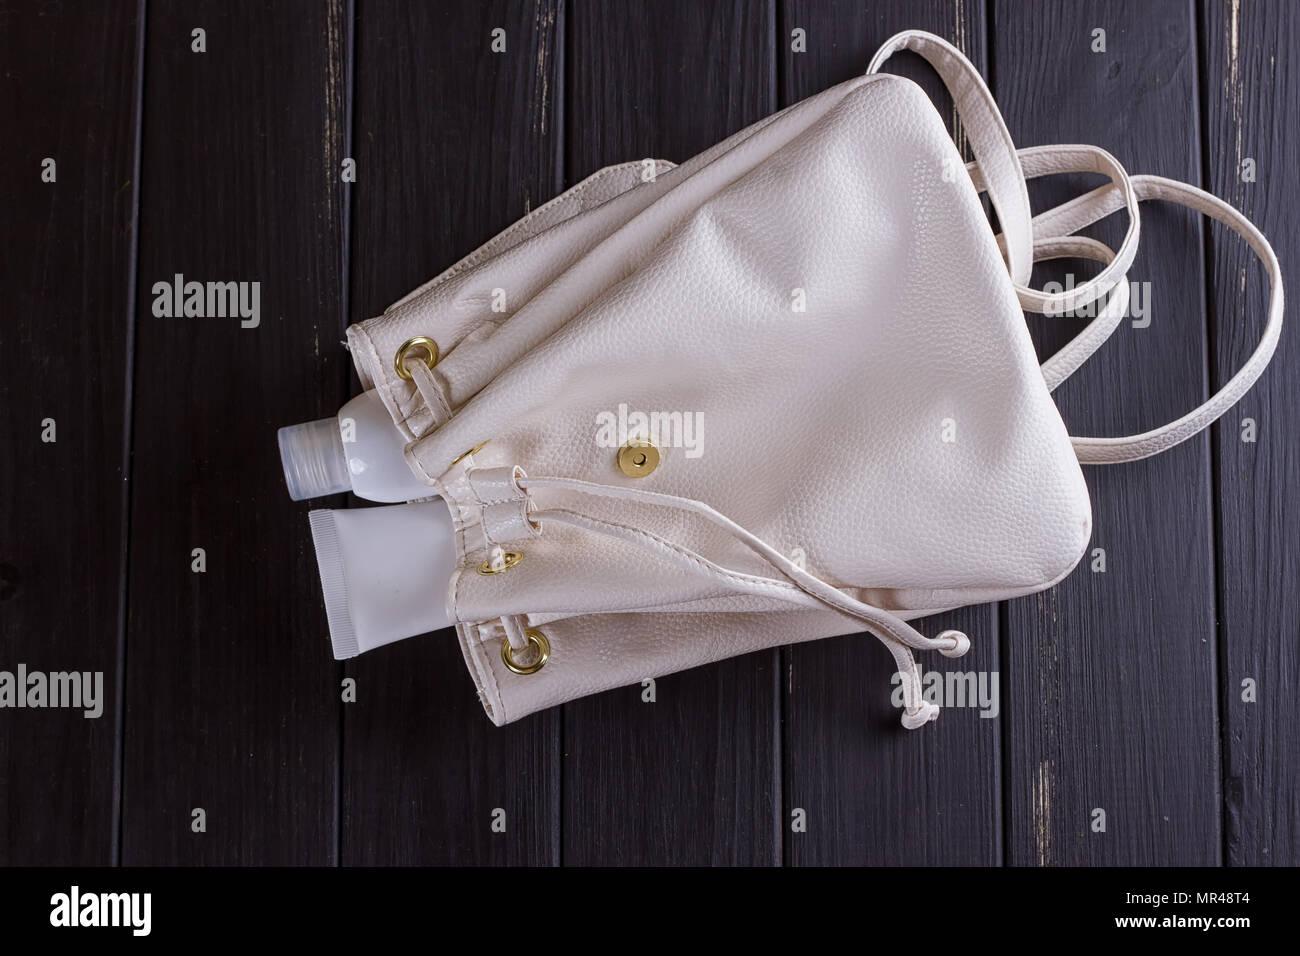 c5a504a846 Sac à dos ou sac de jute sac à dos avec bouteille cosmétique, sur fond noir